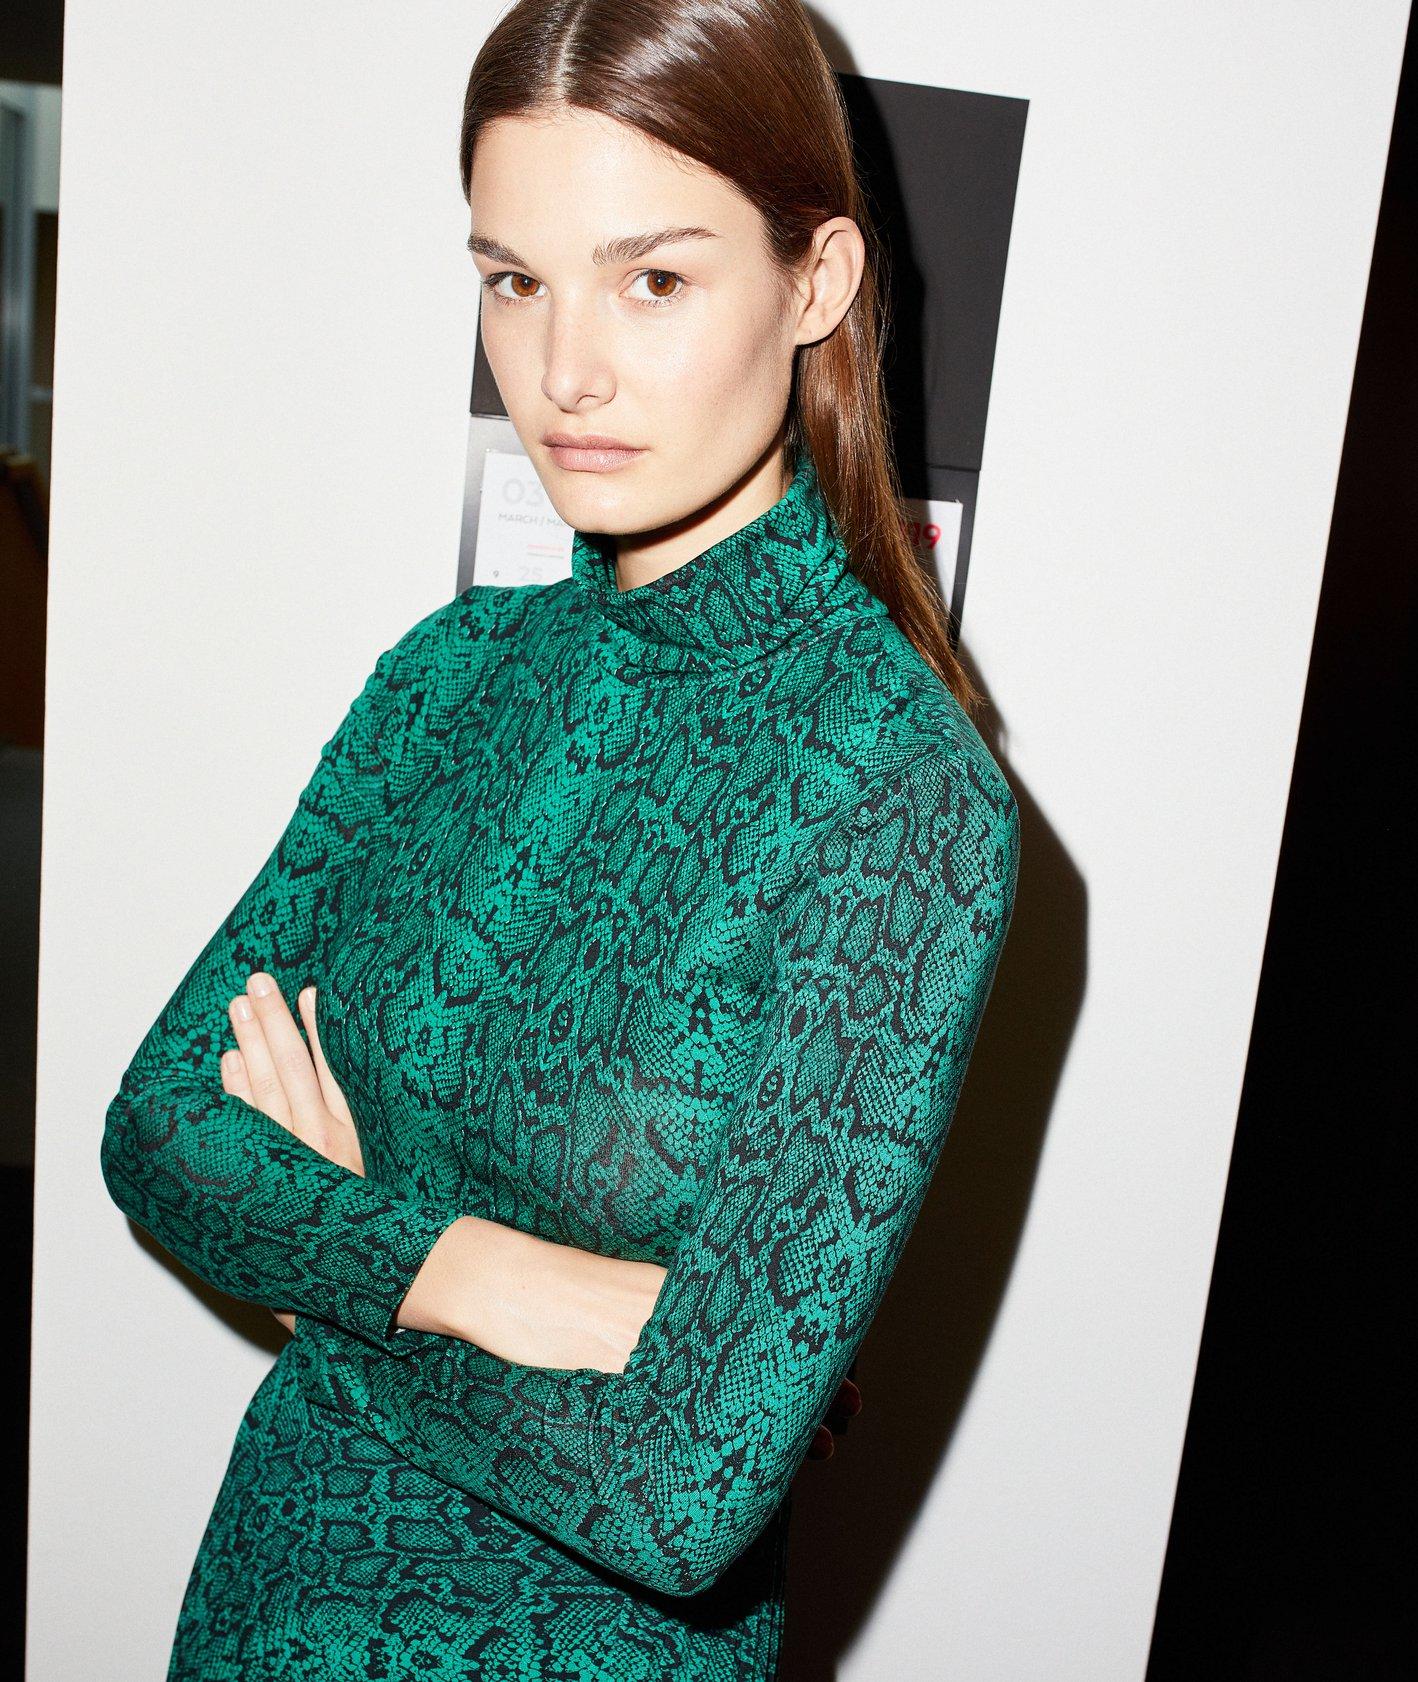 jesienna kolekcja polskiej marki Solar - zielona sukienka w skórę węża